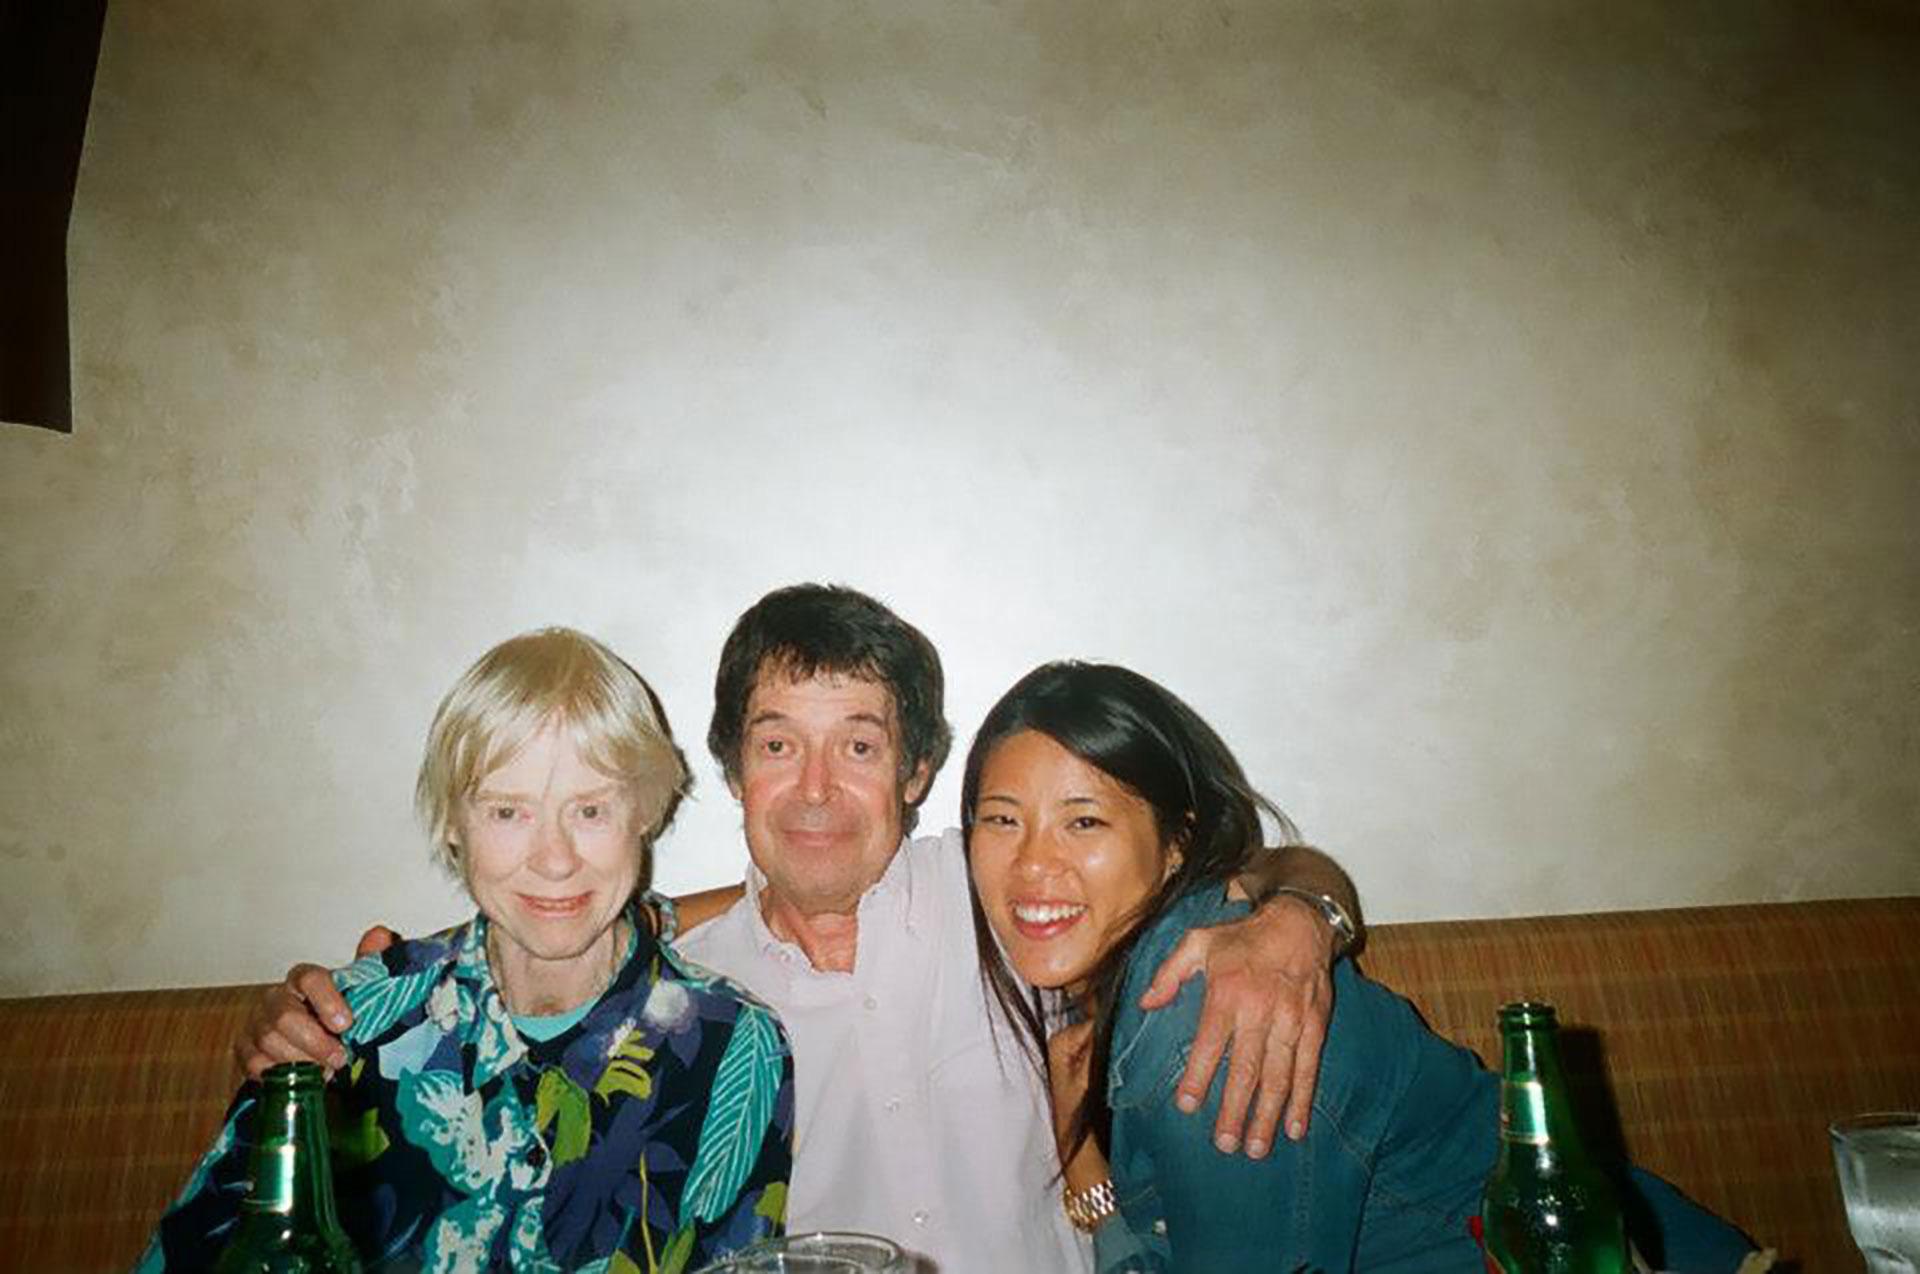 Cặp đôi bên nhau 50 năm bị chia cắt vì Covid-19: Ông không muốn đến viện dưỡng lão gặp bà lần cuối, chỉ muốn đến để giúp vợ được sống - Ảnh 6.